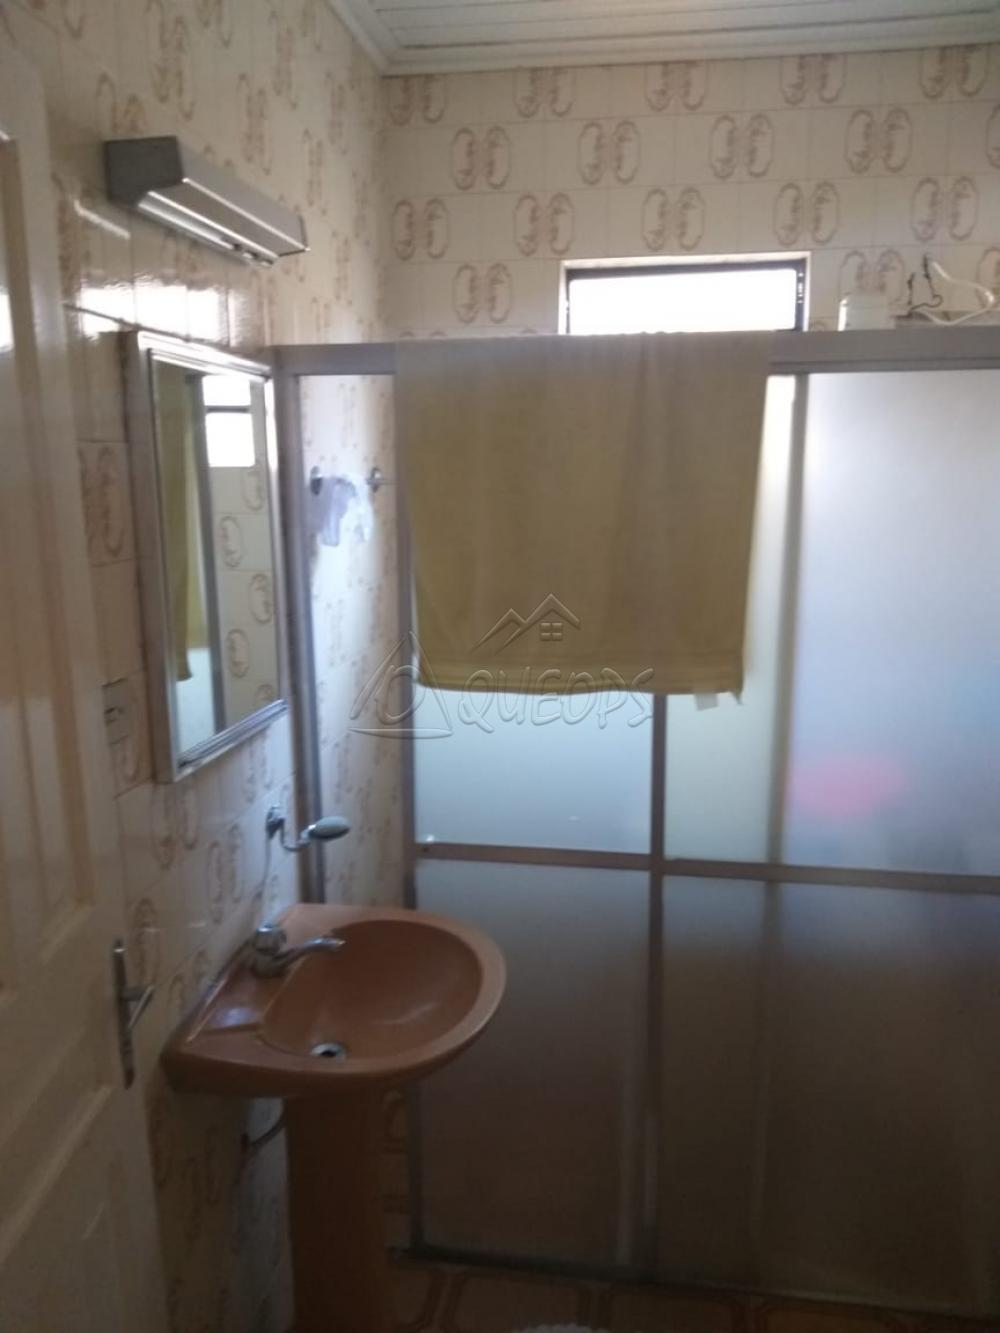 Comprar Casa / Padrão em Barretos apenas R$ 330.000,00 - Foto 7